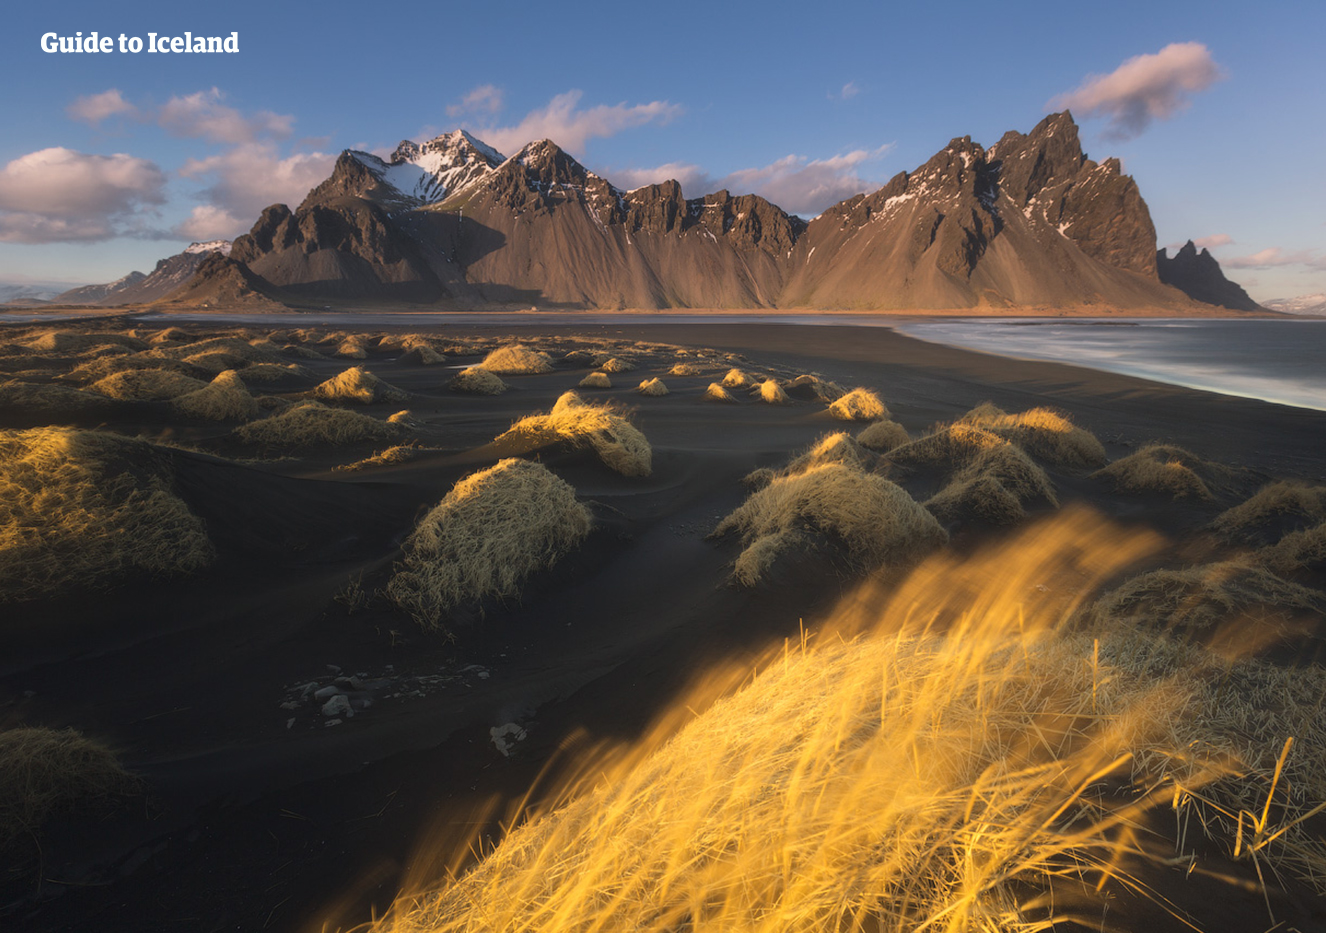 ทางเหนือของไอซ์แลนด์มีพลังงานความร้อนใต้พิภพเยอะมาก